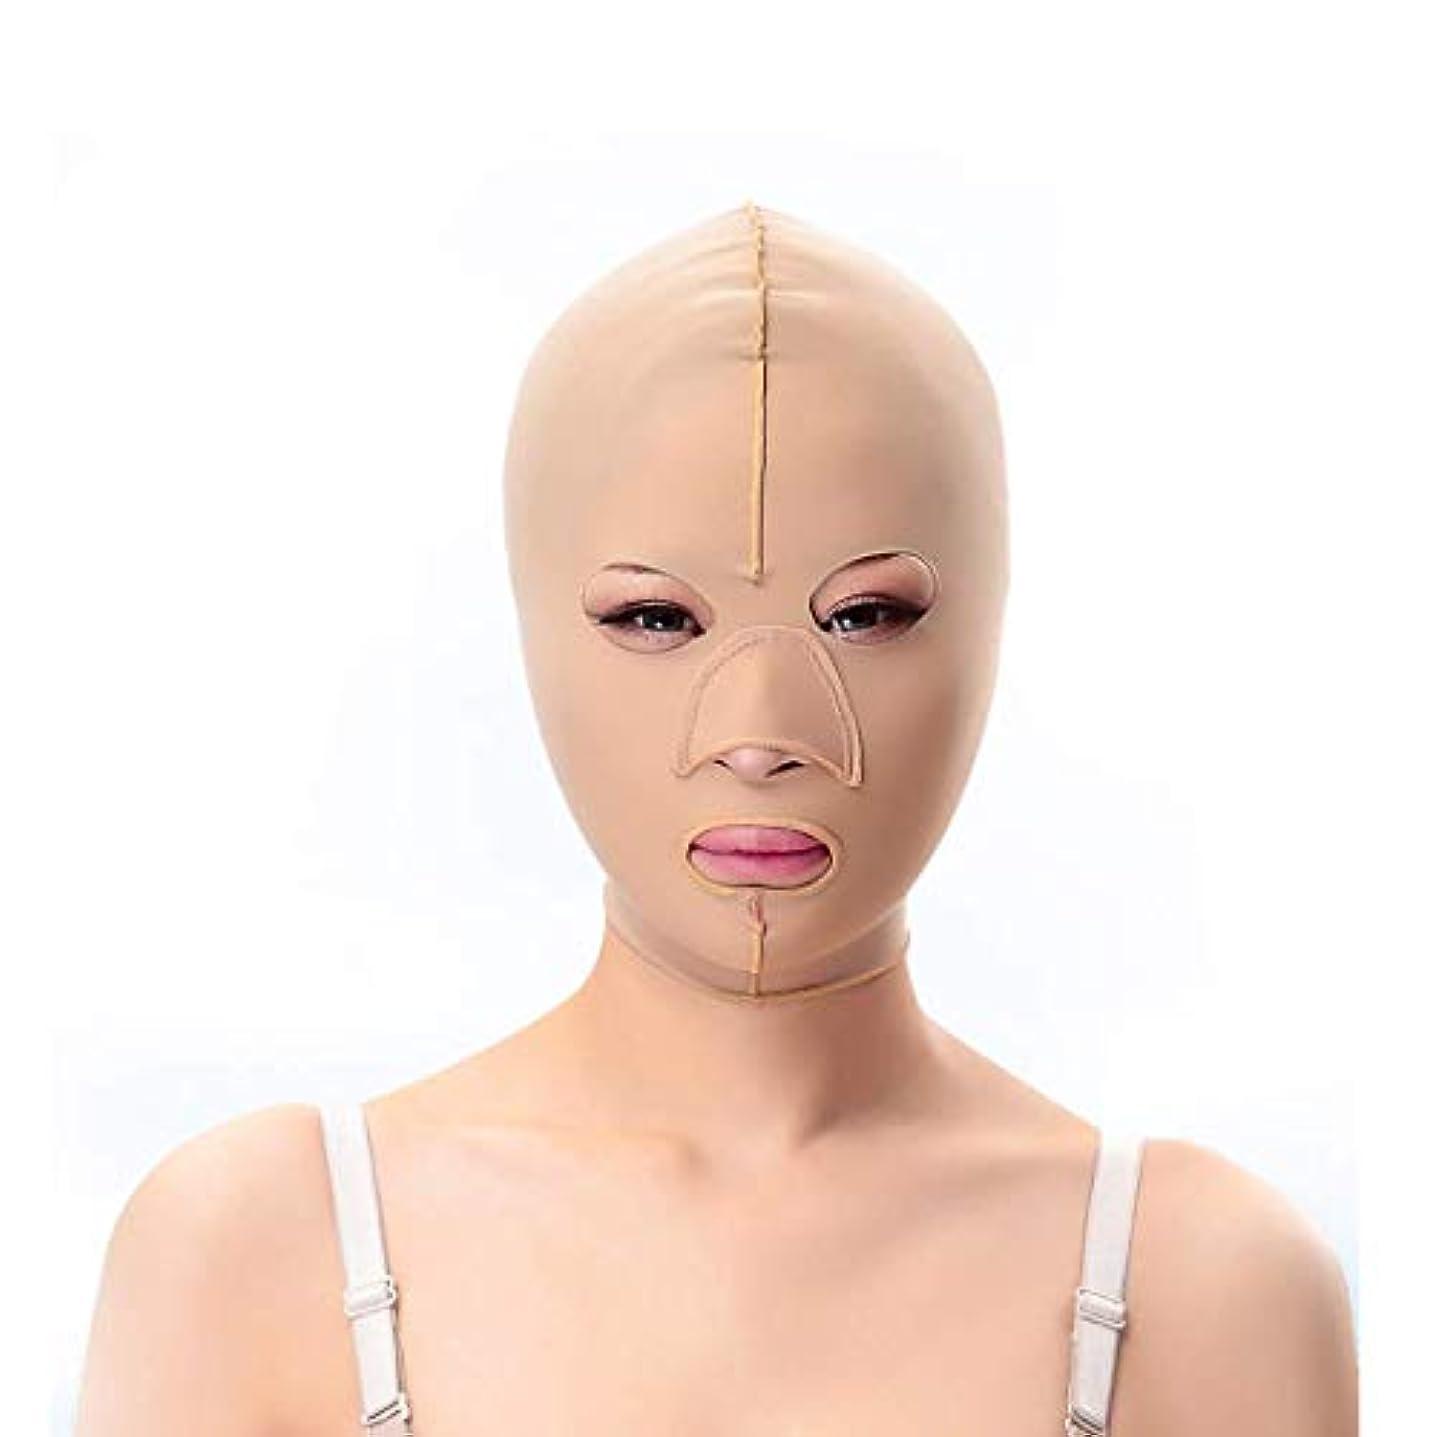 ヒギンズ嬉しいですピクニックスリミングベルト、二重あごの引き締め顔のプラスチックフェイスアーティファクト強力なフェイス包帯を脇に持ち上げるパターンを欺くためのフェイシャルマスクシンフェイスマスク(サイズ:L),S